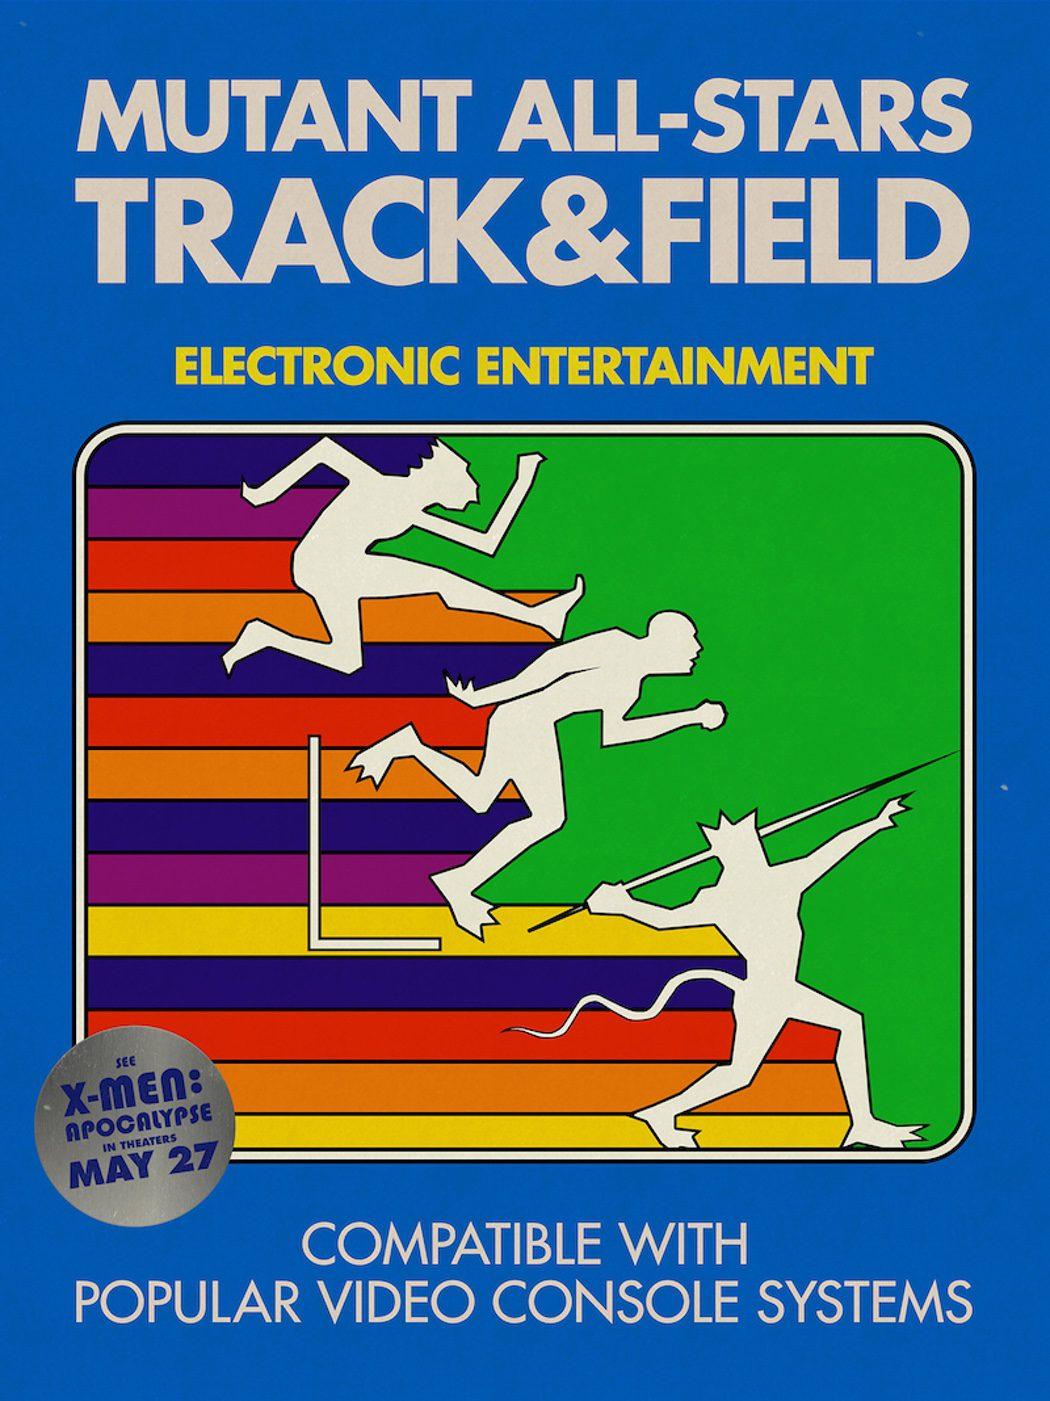 'Mutant All-Stars Track & Field'